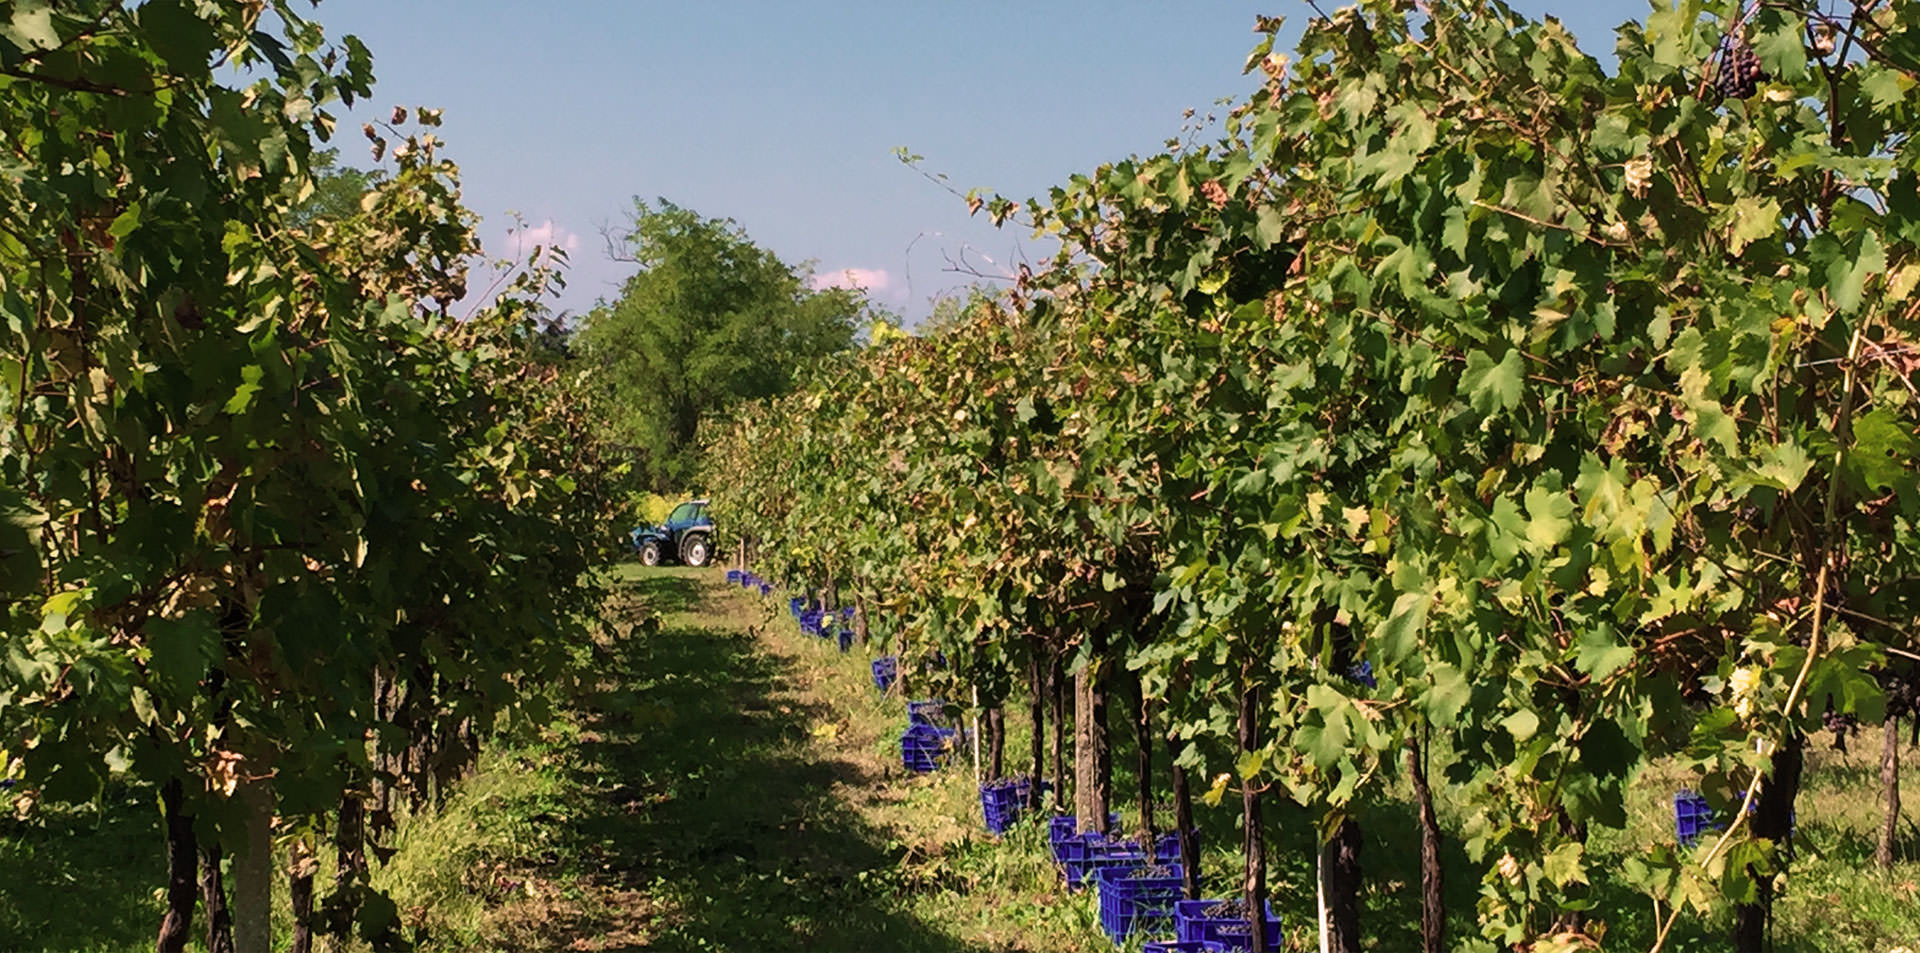 Produciamo vini e spumanti nel rispetto dell'ambiente e con tanta passione